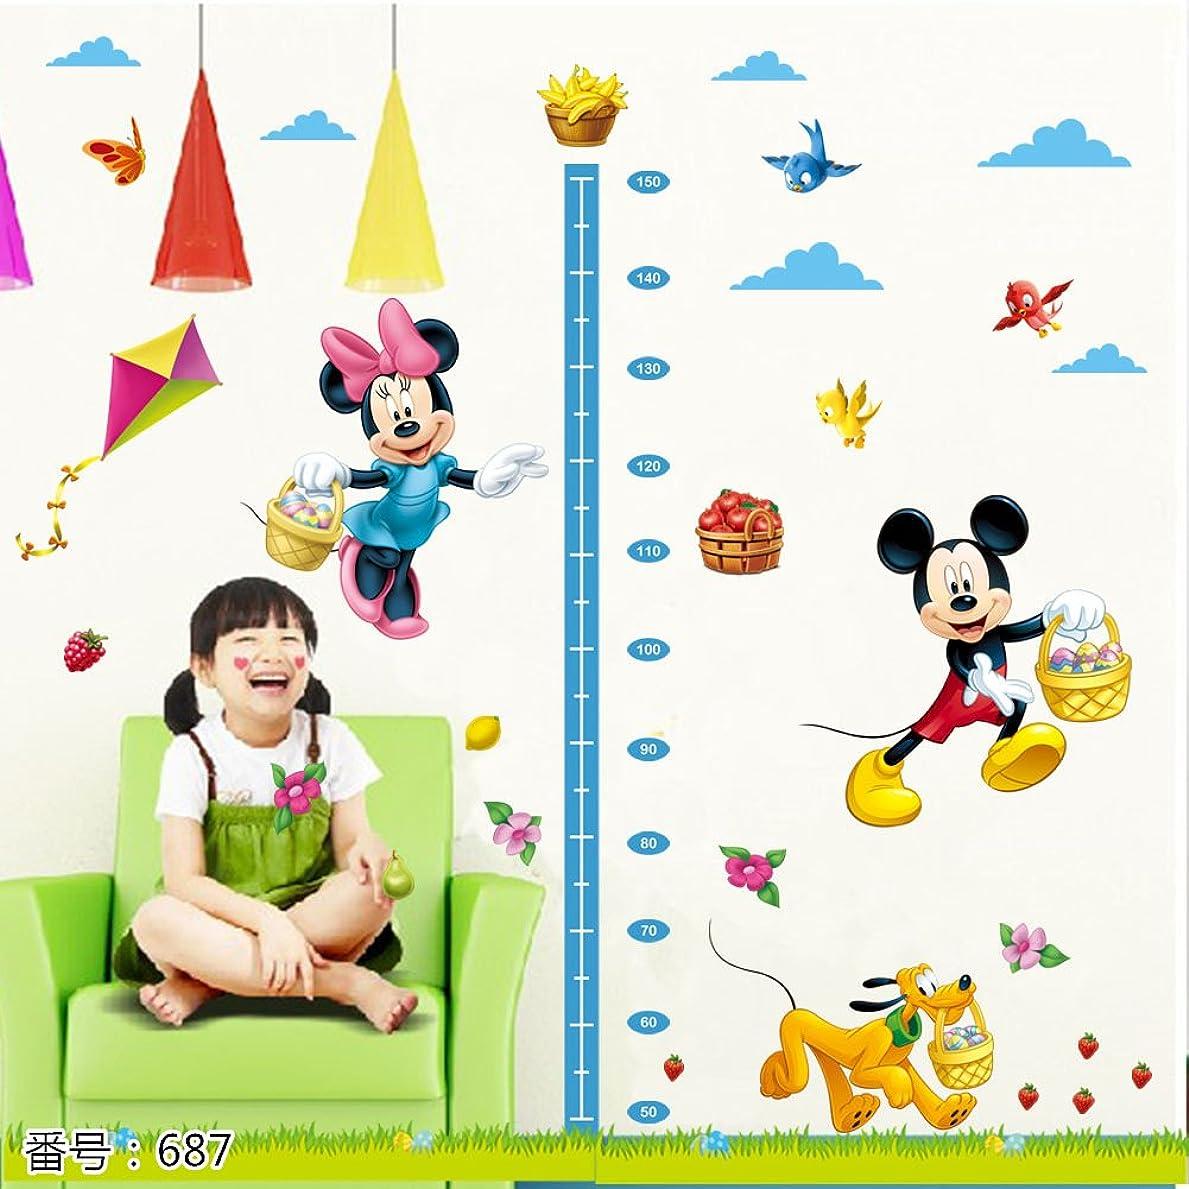 愛する遮る副産物身長計 ウォルト?ディズニー disney  ミキーミッニー Mickey Minnie グーフィー ウォールステッカー 壁紙シール測定範囲:60~ 160cm 並行輸入品